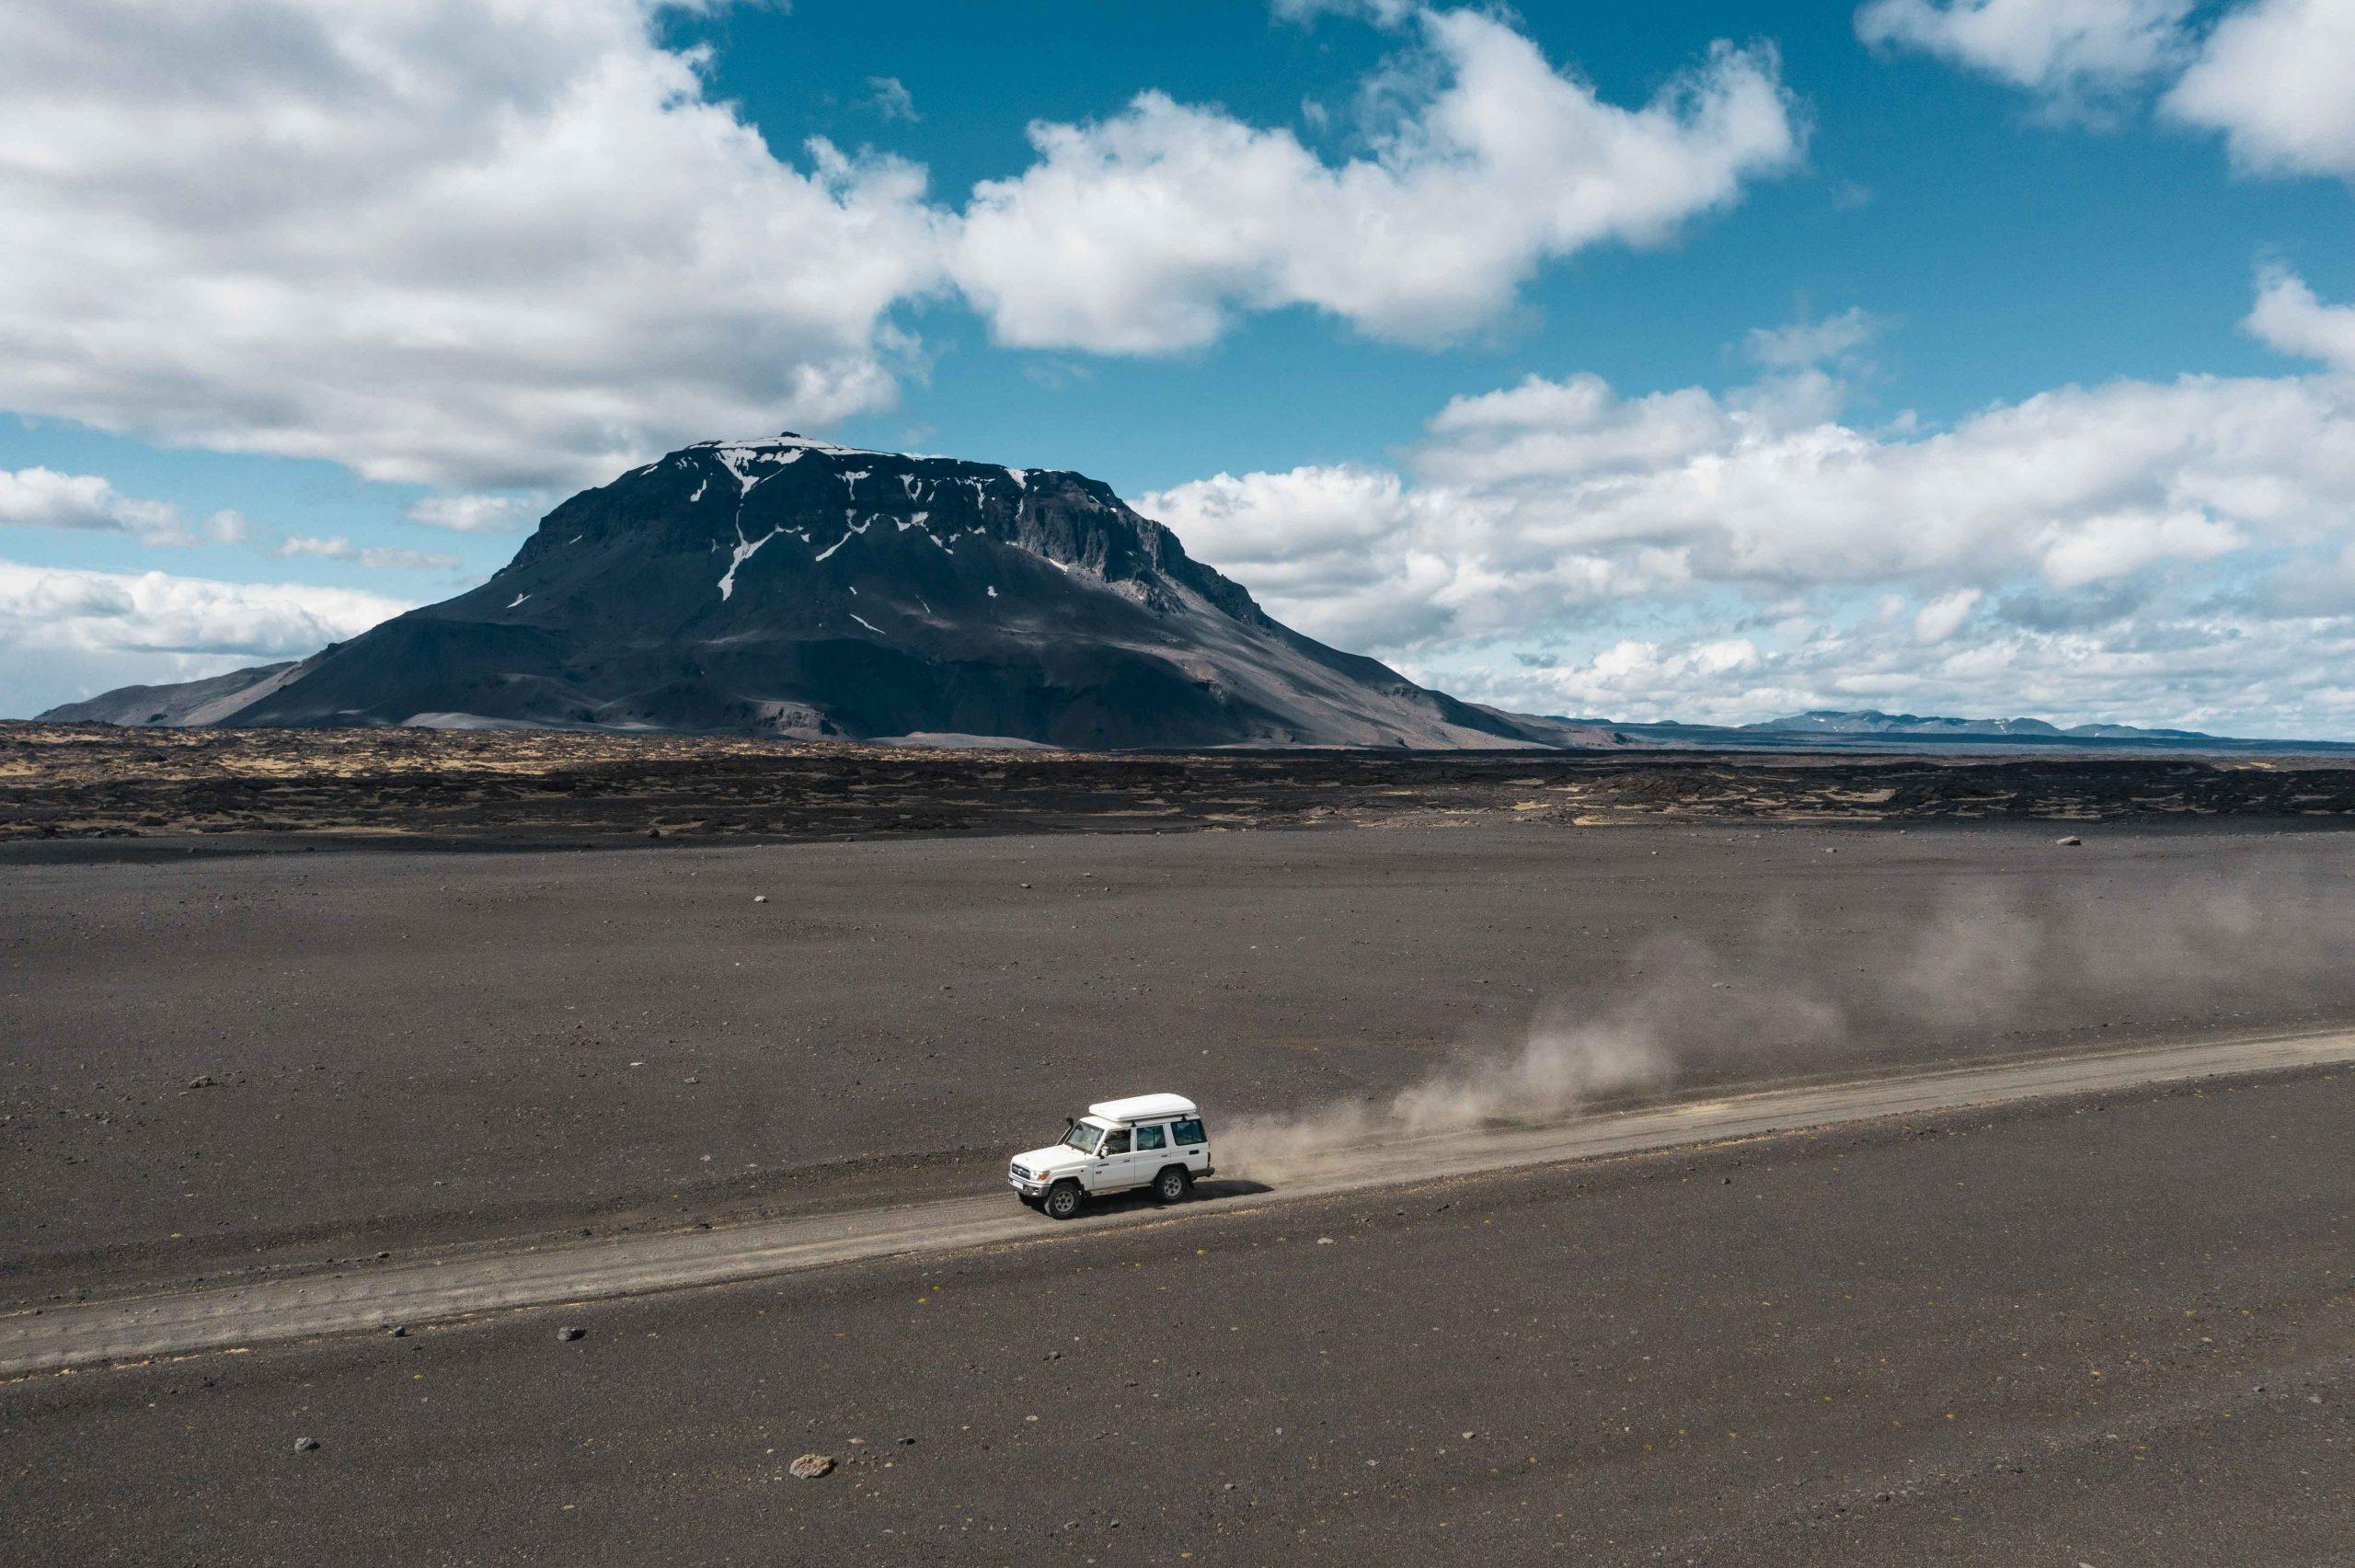 Abenteuerurlaub Skandinavien - 5 Aktivitäten die definitiv auf deiner Liste stehen sollten